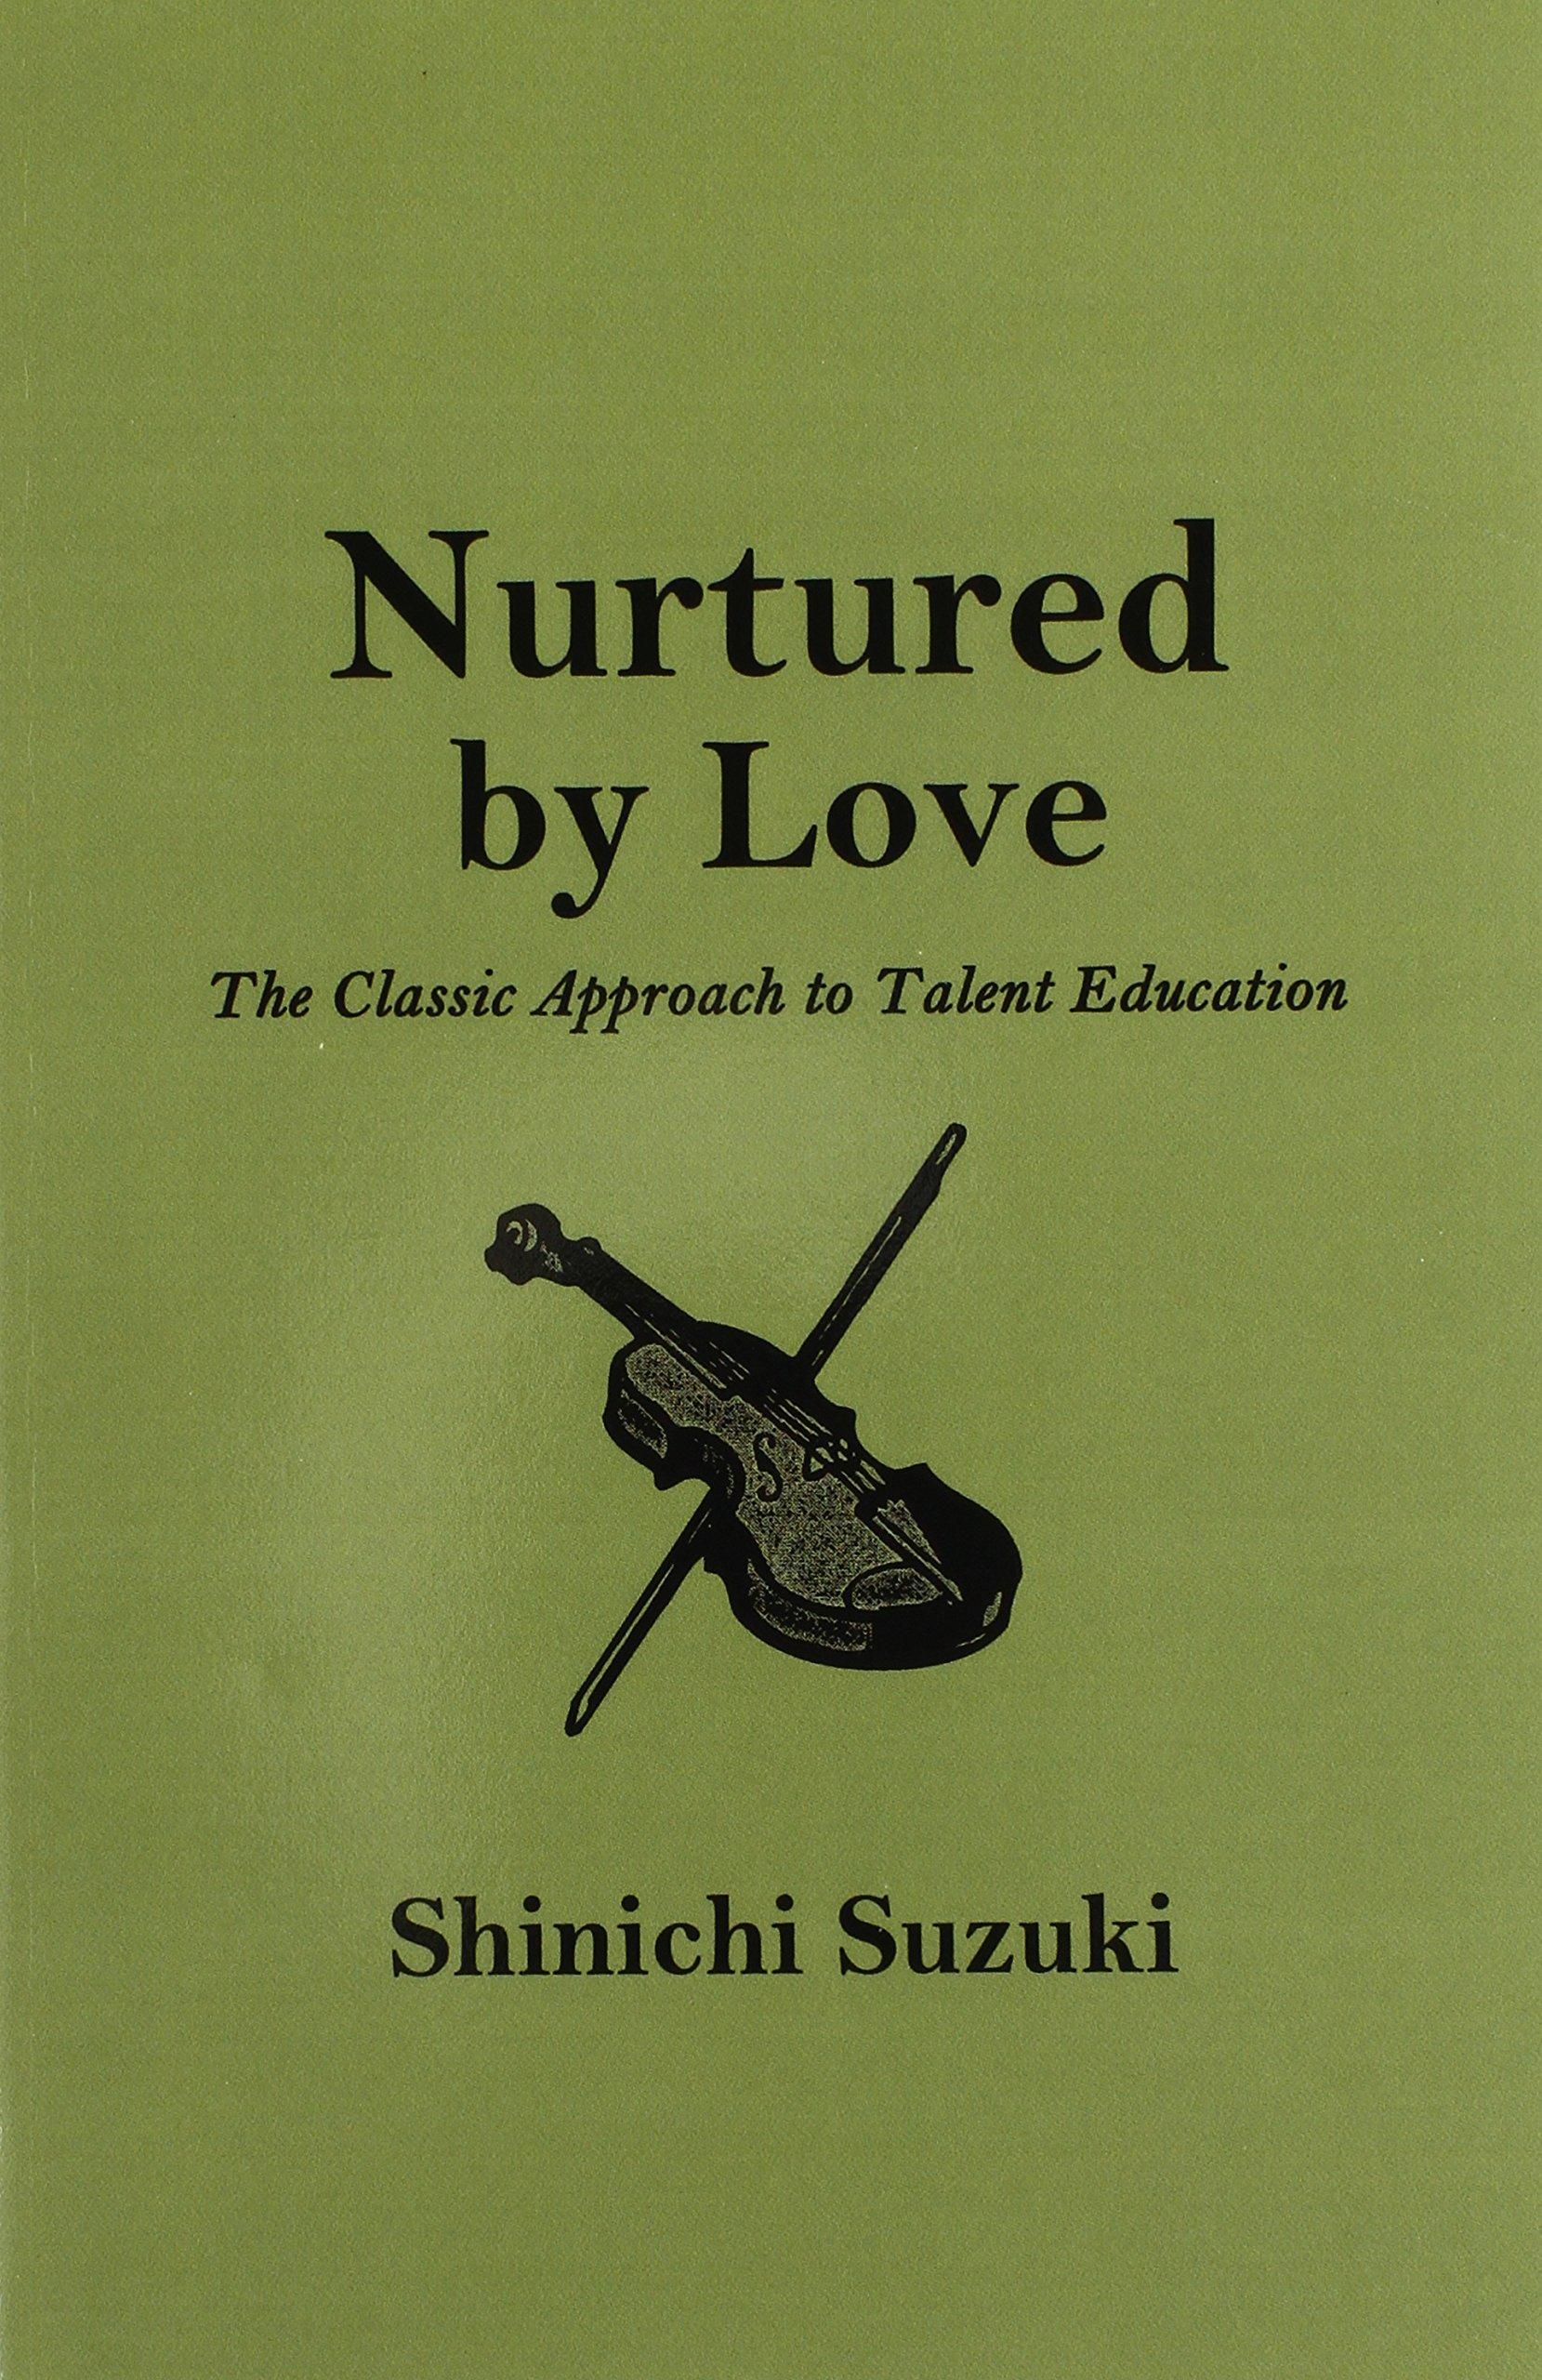 Nurtured by Love: Amazon.es: Suzuki, Shinichi: Libros en idiomas ...